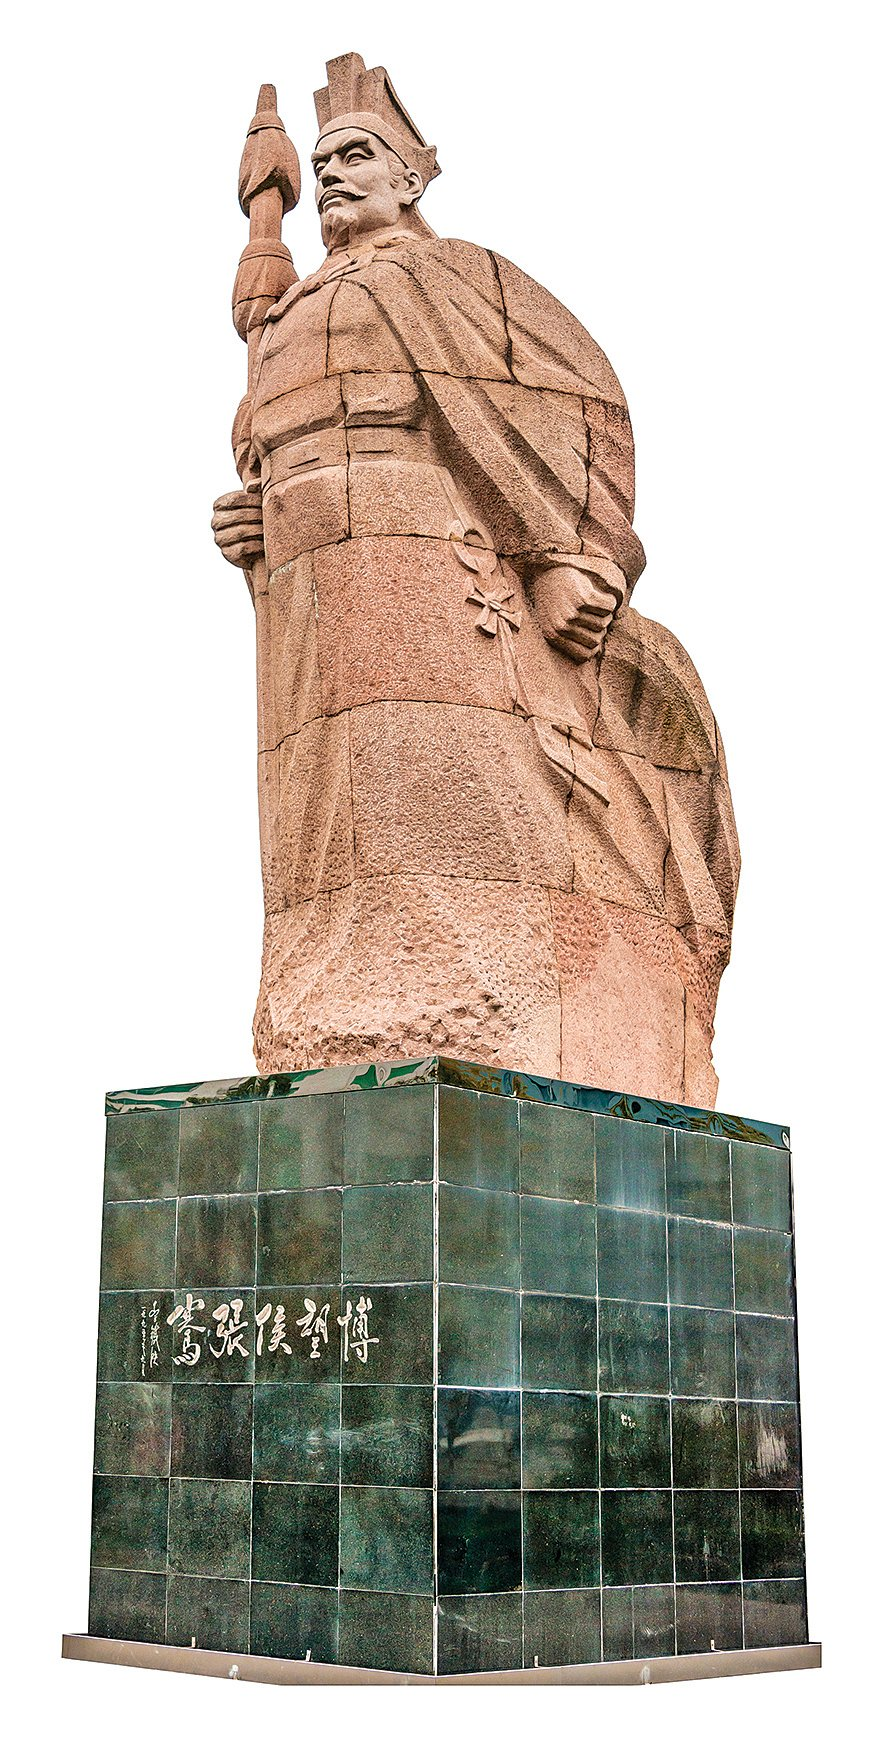 位於中國山西的張騫雕像。(Shutterstock)